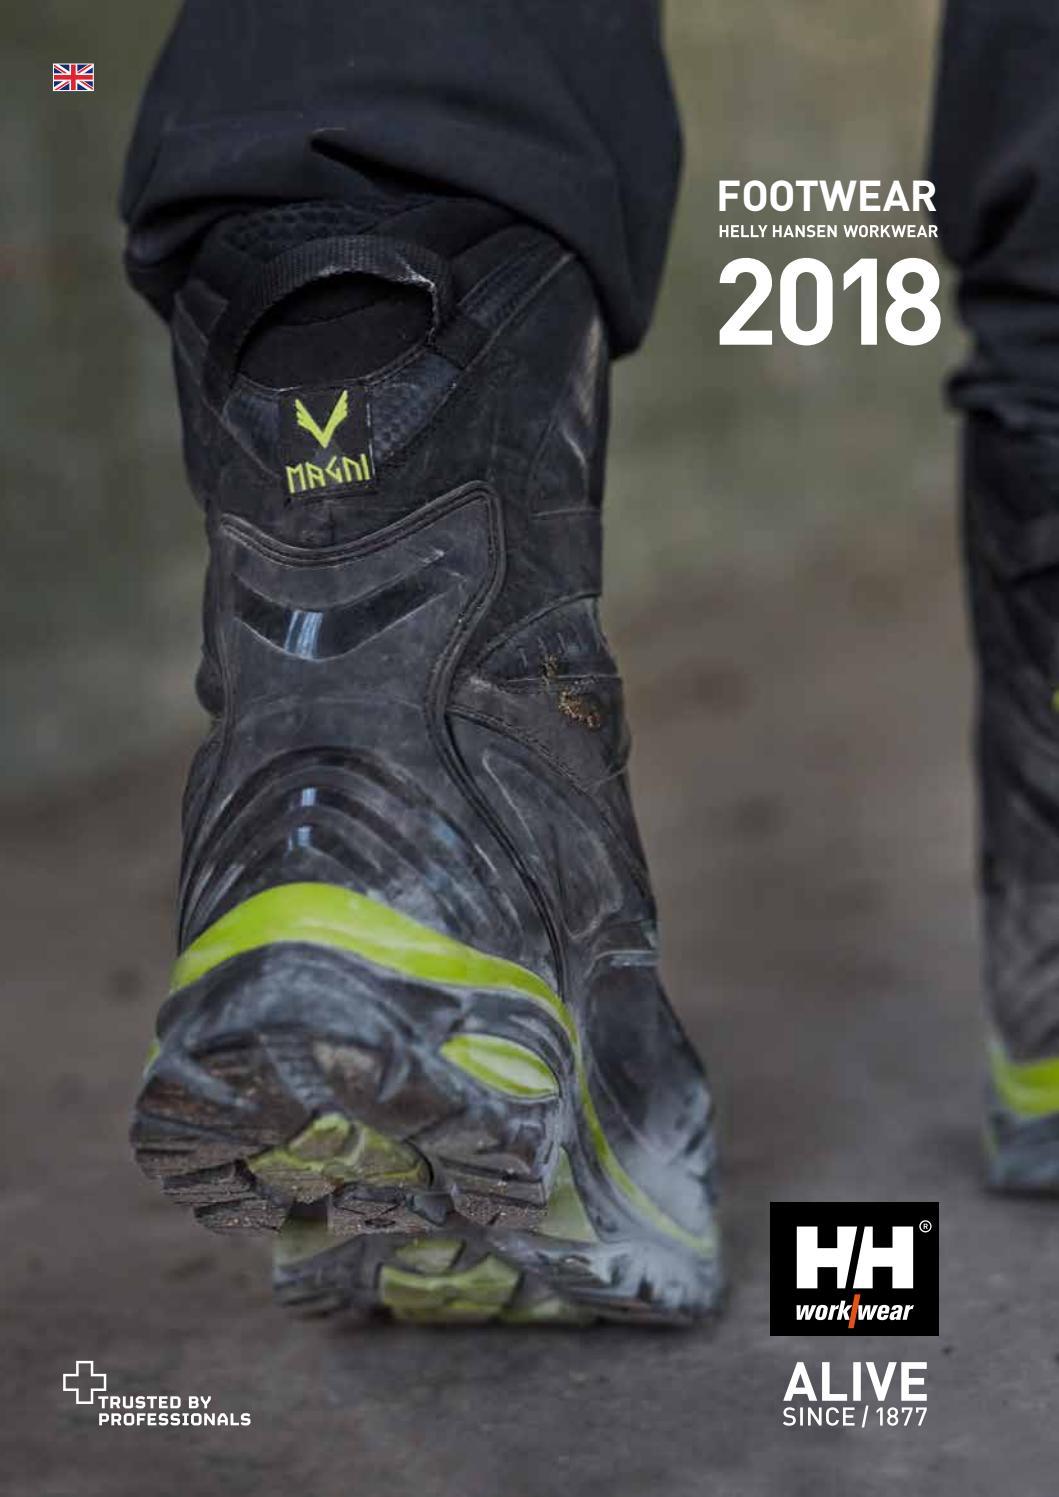 85b46e0a129 Helly Hansen Workwear Footwear 2018 – English by HH Workwear - issuu